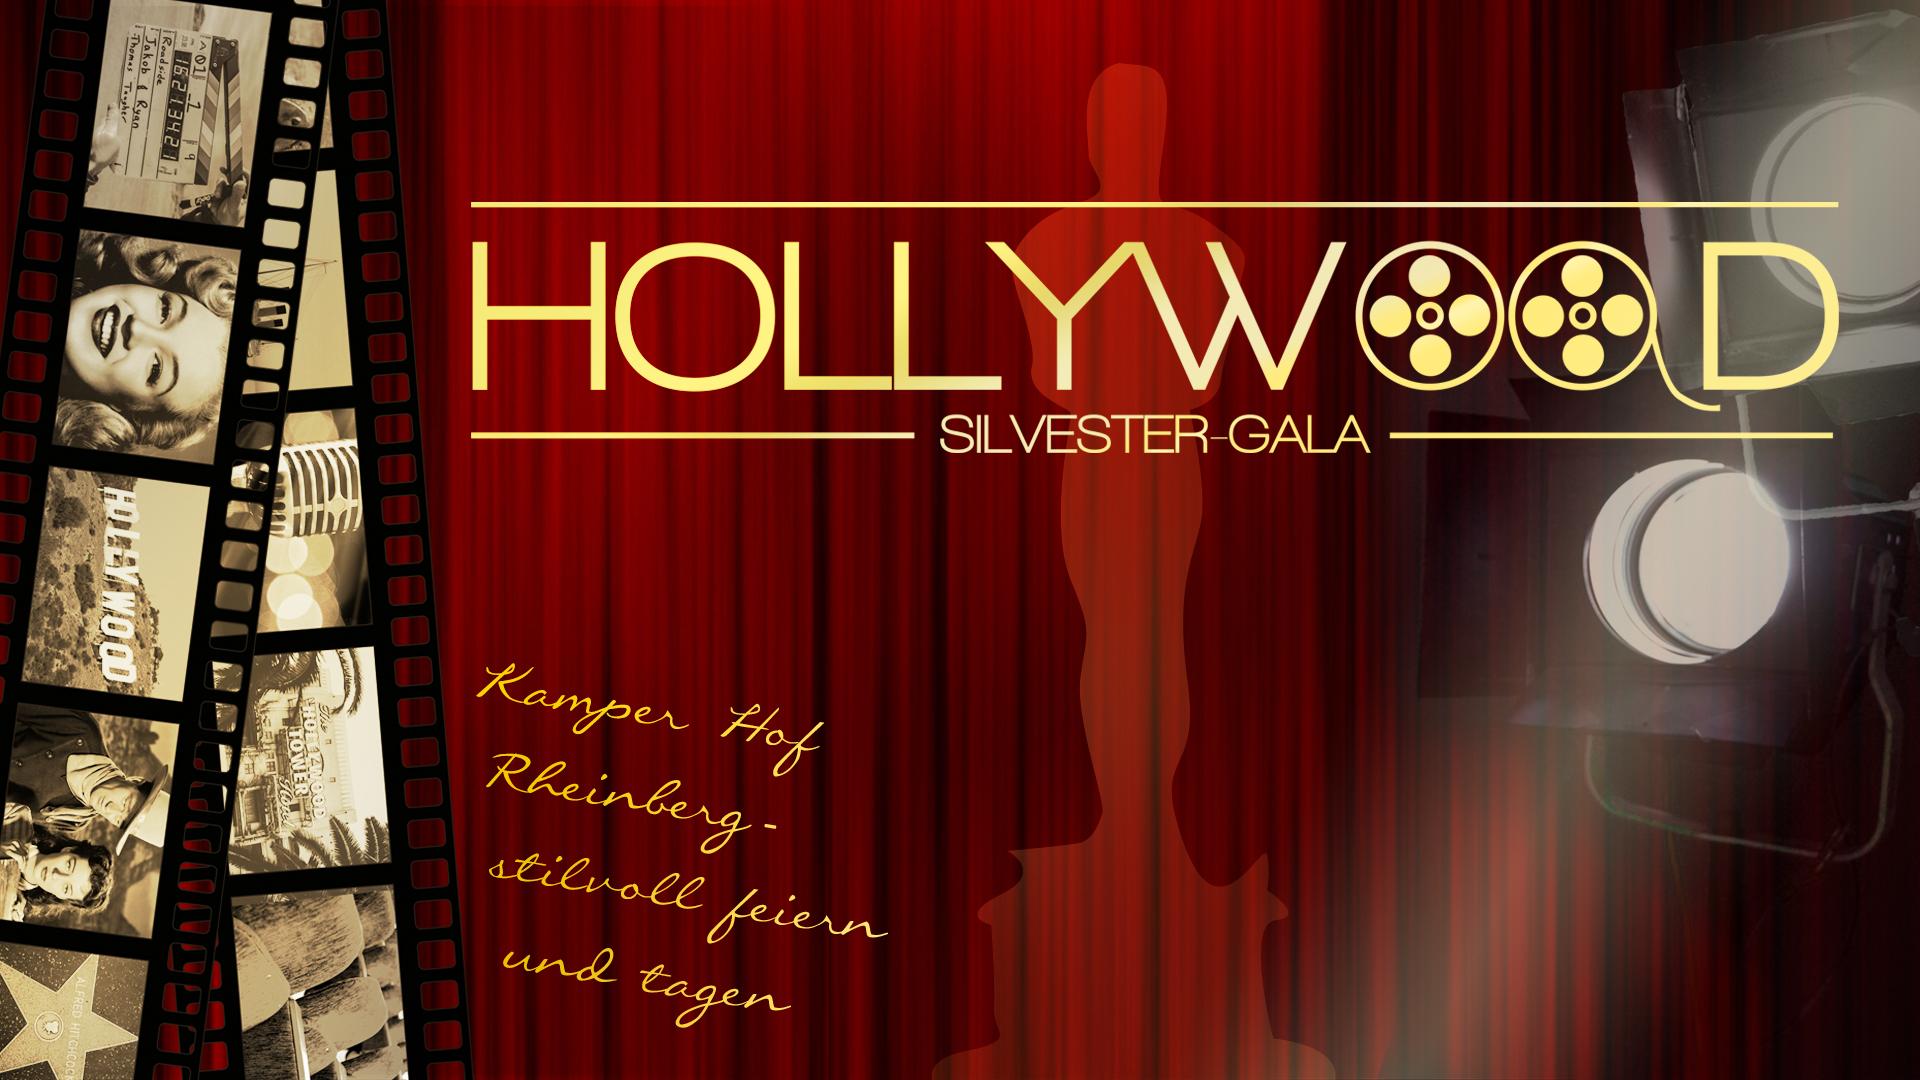 Silvester-Gala Hollywood - Kamper Hof Rheinberg